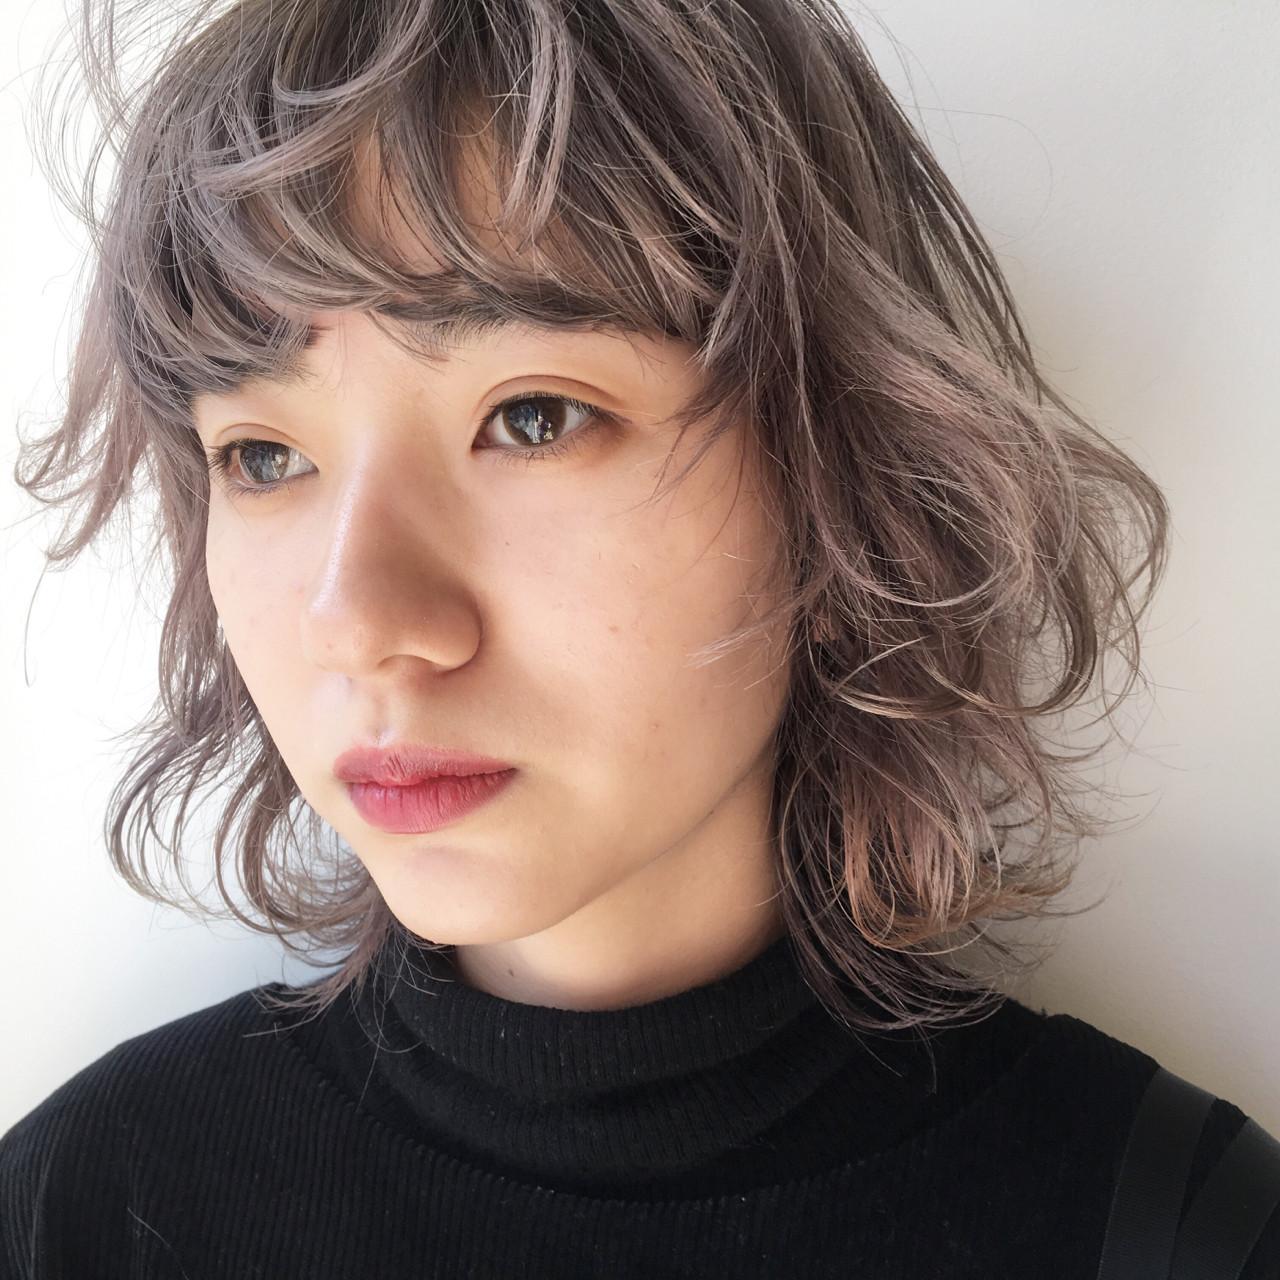 ウルフカット マッシュ ダブルカラー ナチュラル ヘアスタイルや髪型の写真・画像